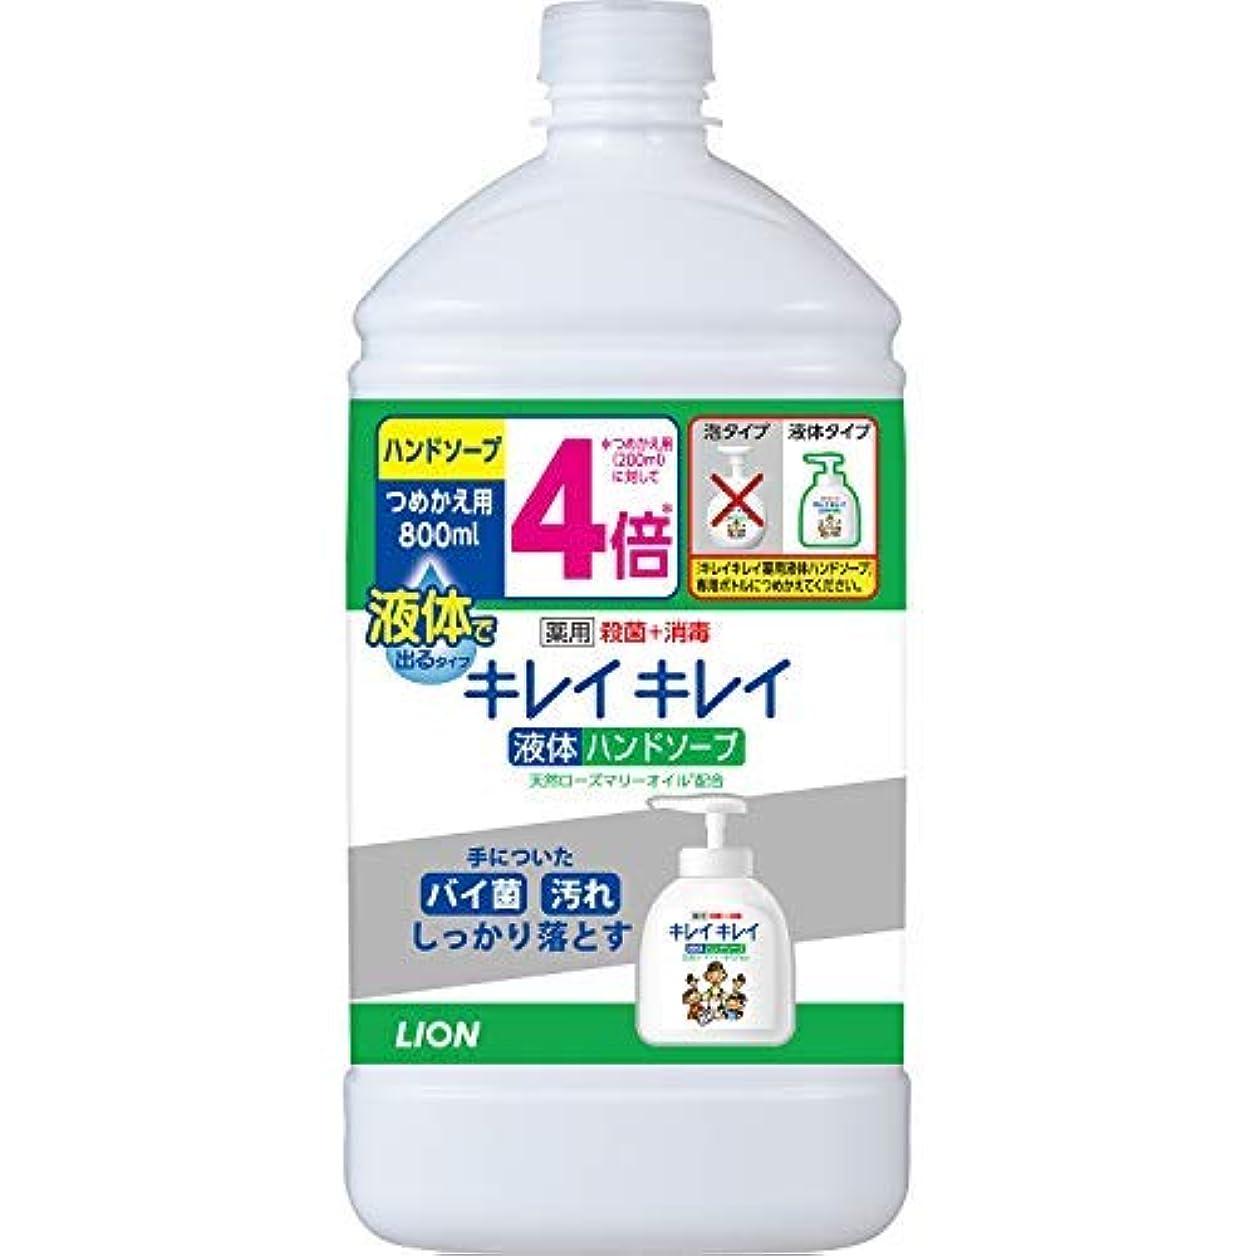 ベンチャー従順な整理するキレイキレイ 薬用液体ハンドソープ つめかえ用特大サイズシトラスフルーテイ × 4個セット